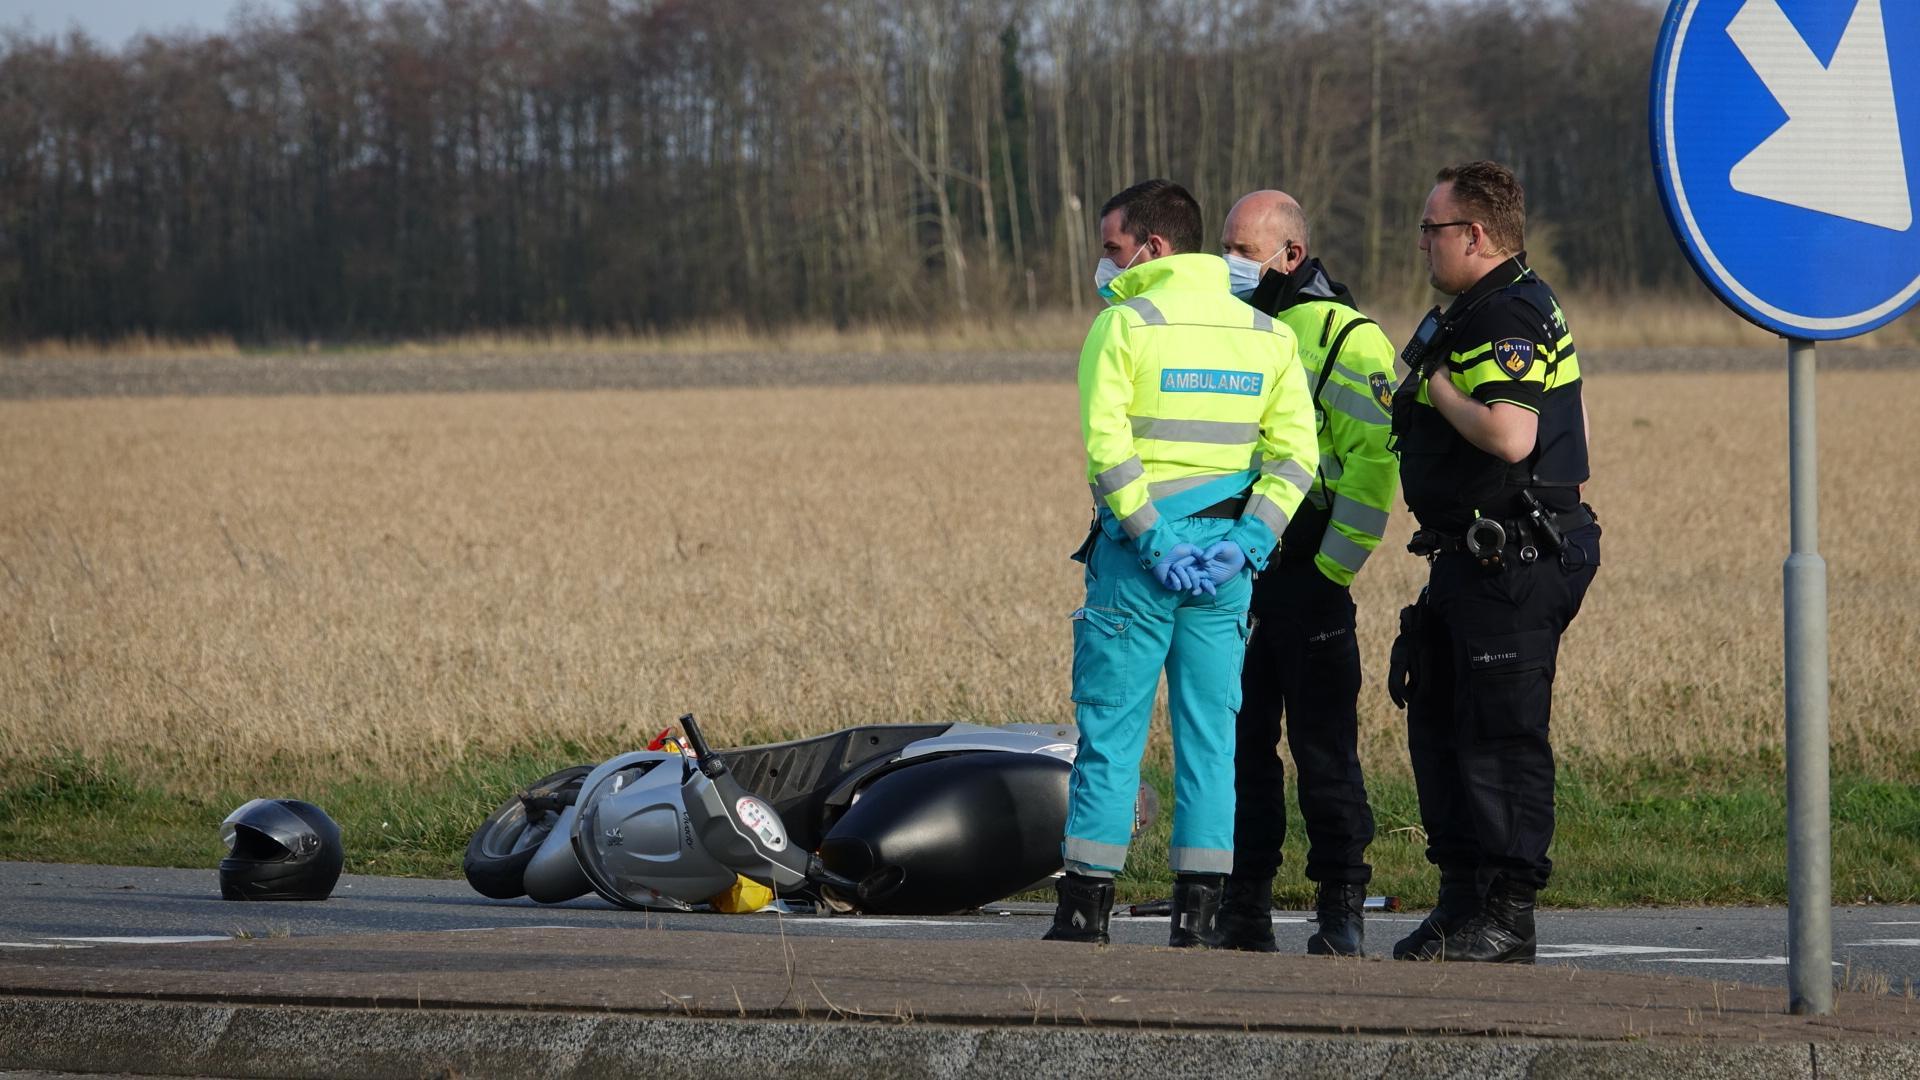 Scooterrijder gewond bij botsing met onverzekerde auto in Wervershoof, auto in beslag genomen